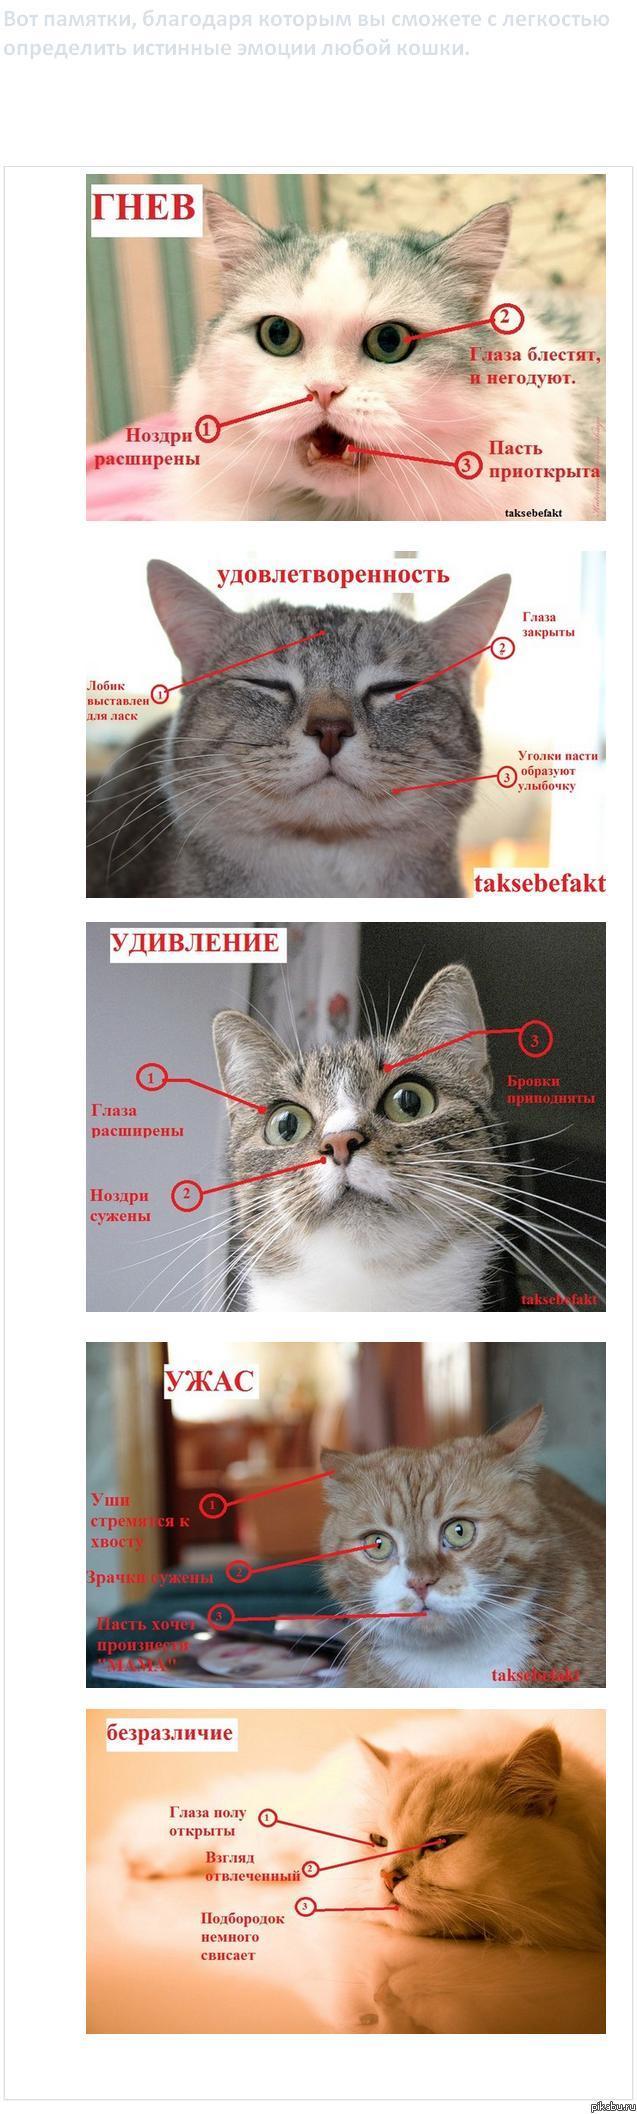 какие чувства есть у кошки этой